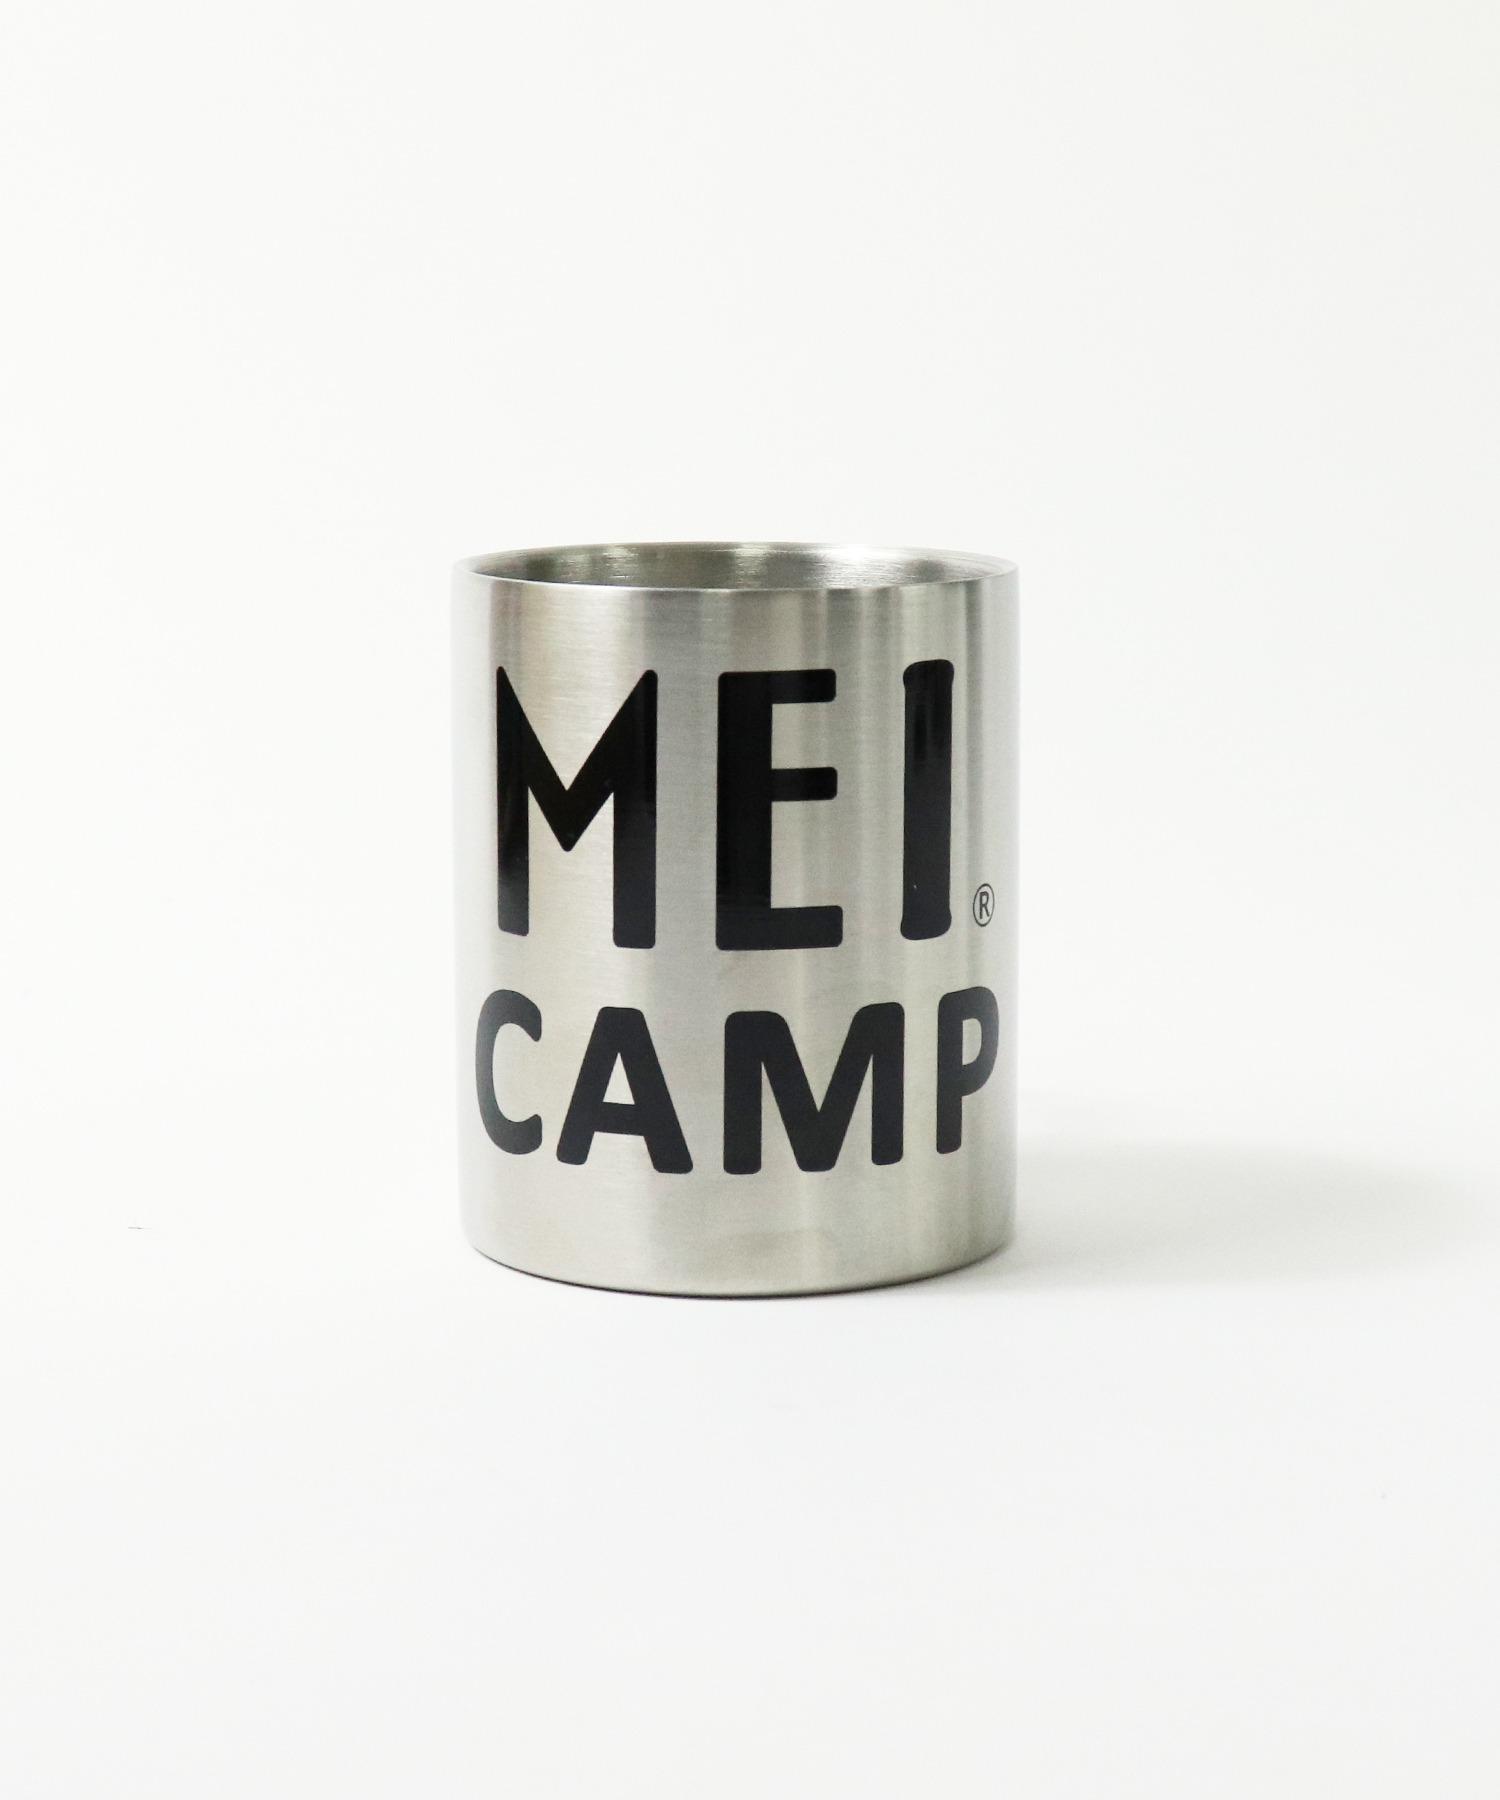 【 MEI CAMP / メイキャンプ 】 カラビナハンドルステンレスマグ マグカップ